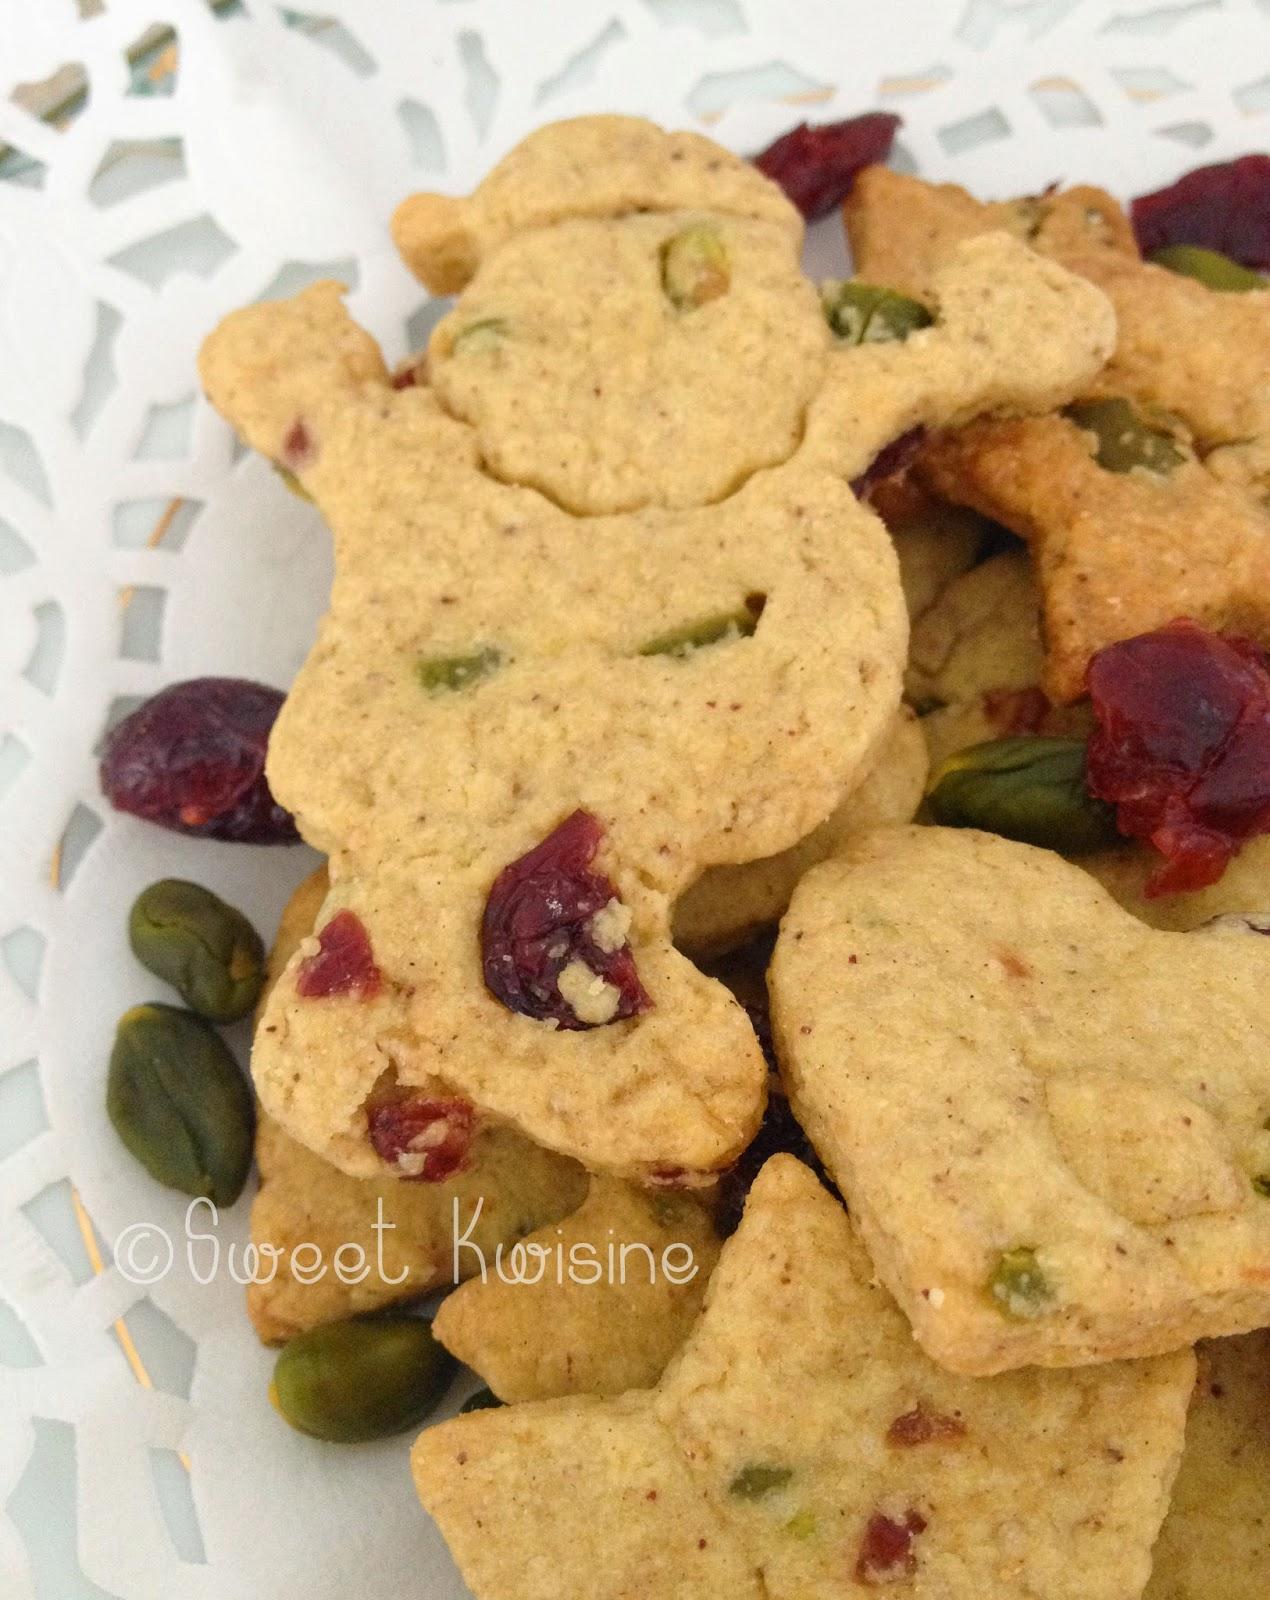 Sweet Kwisine, recette, biscuit, noel, cranberries, pistache, sablés, canneberge